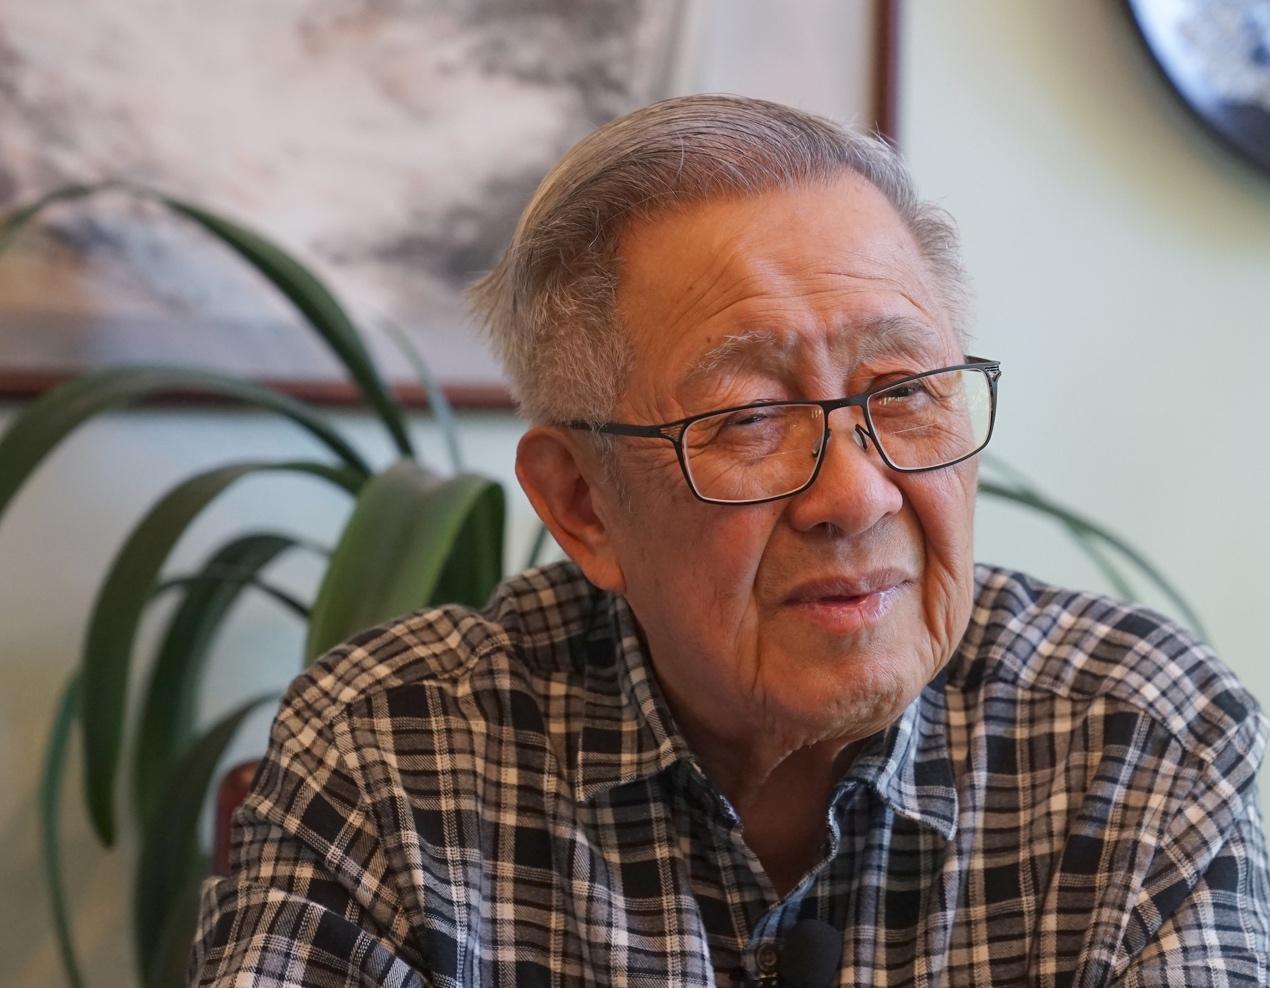 【致敬70系列】光荣与自豪:致力于传播中华文化